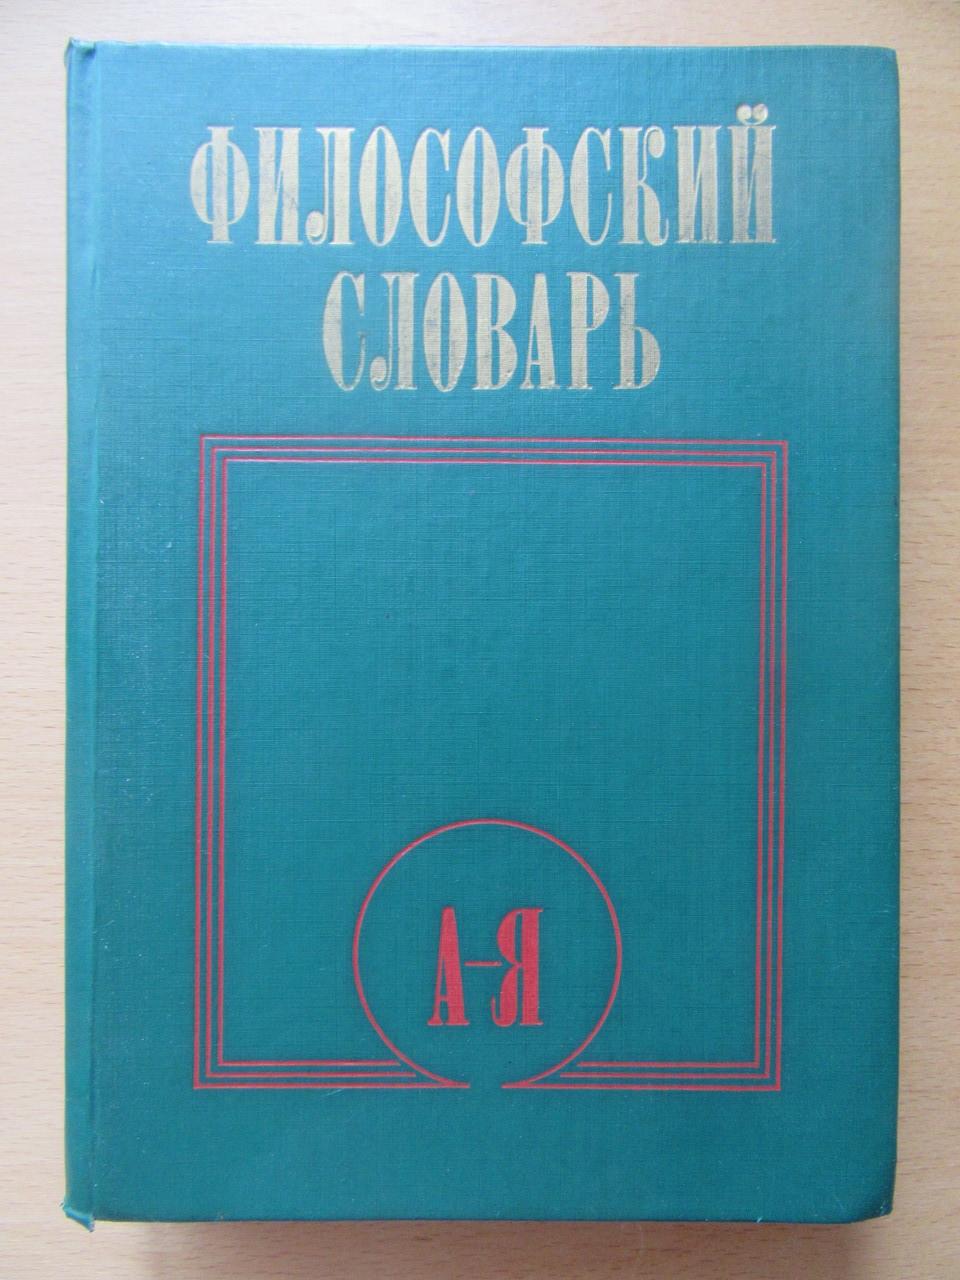 Философский словарь. 5-е издание